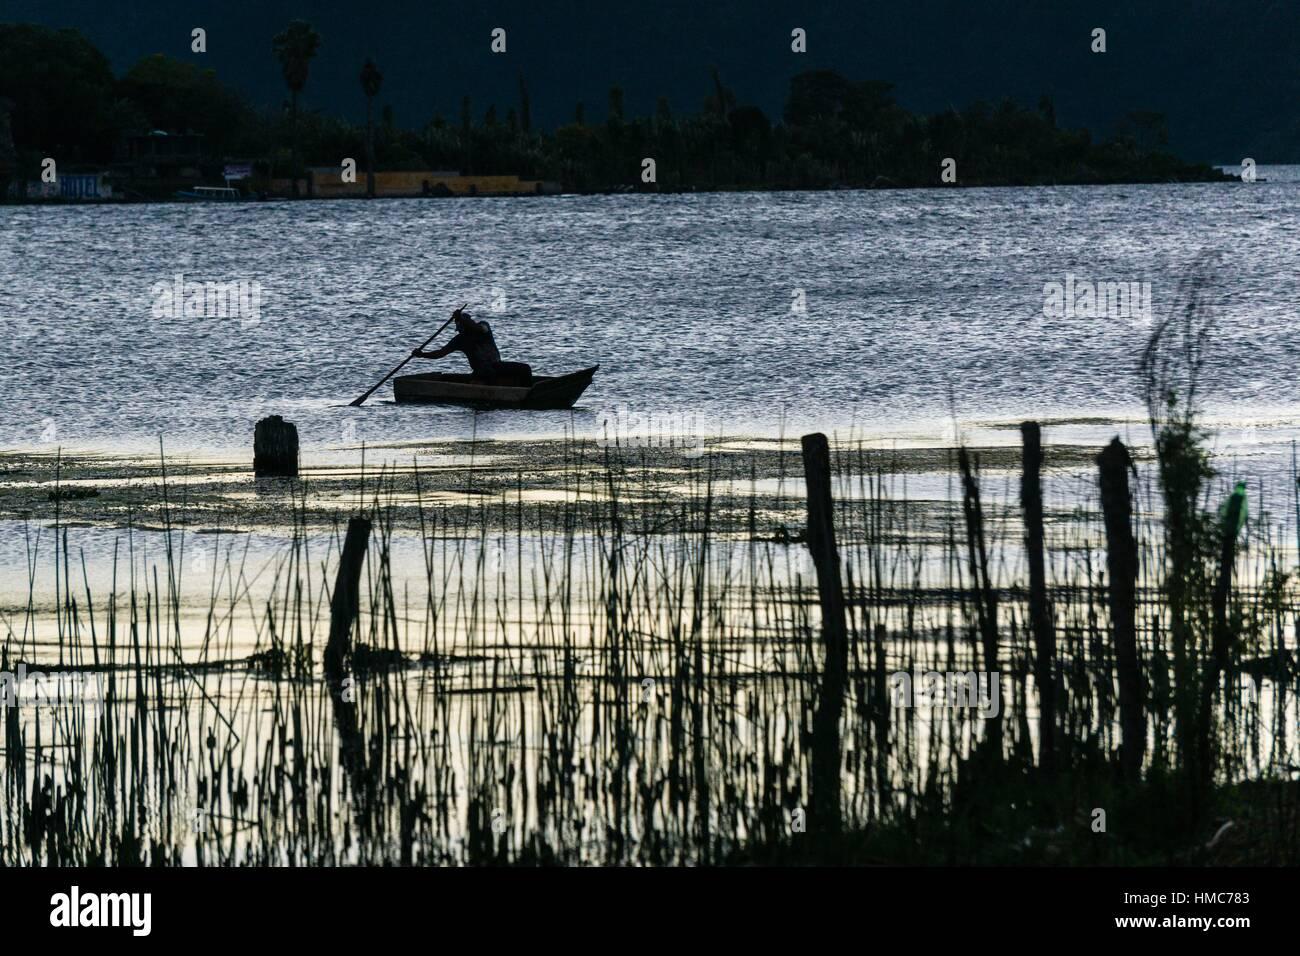 cayuco en el lago Atitlán, Santiago Atitlan, departamento de Sololá, Guatemala, Central America. - Stock Image